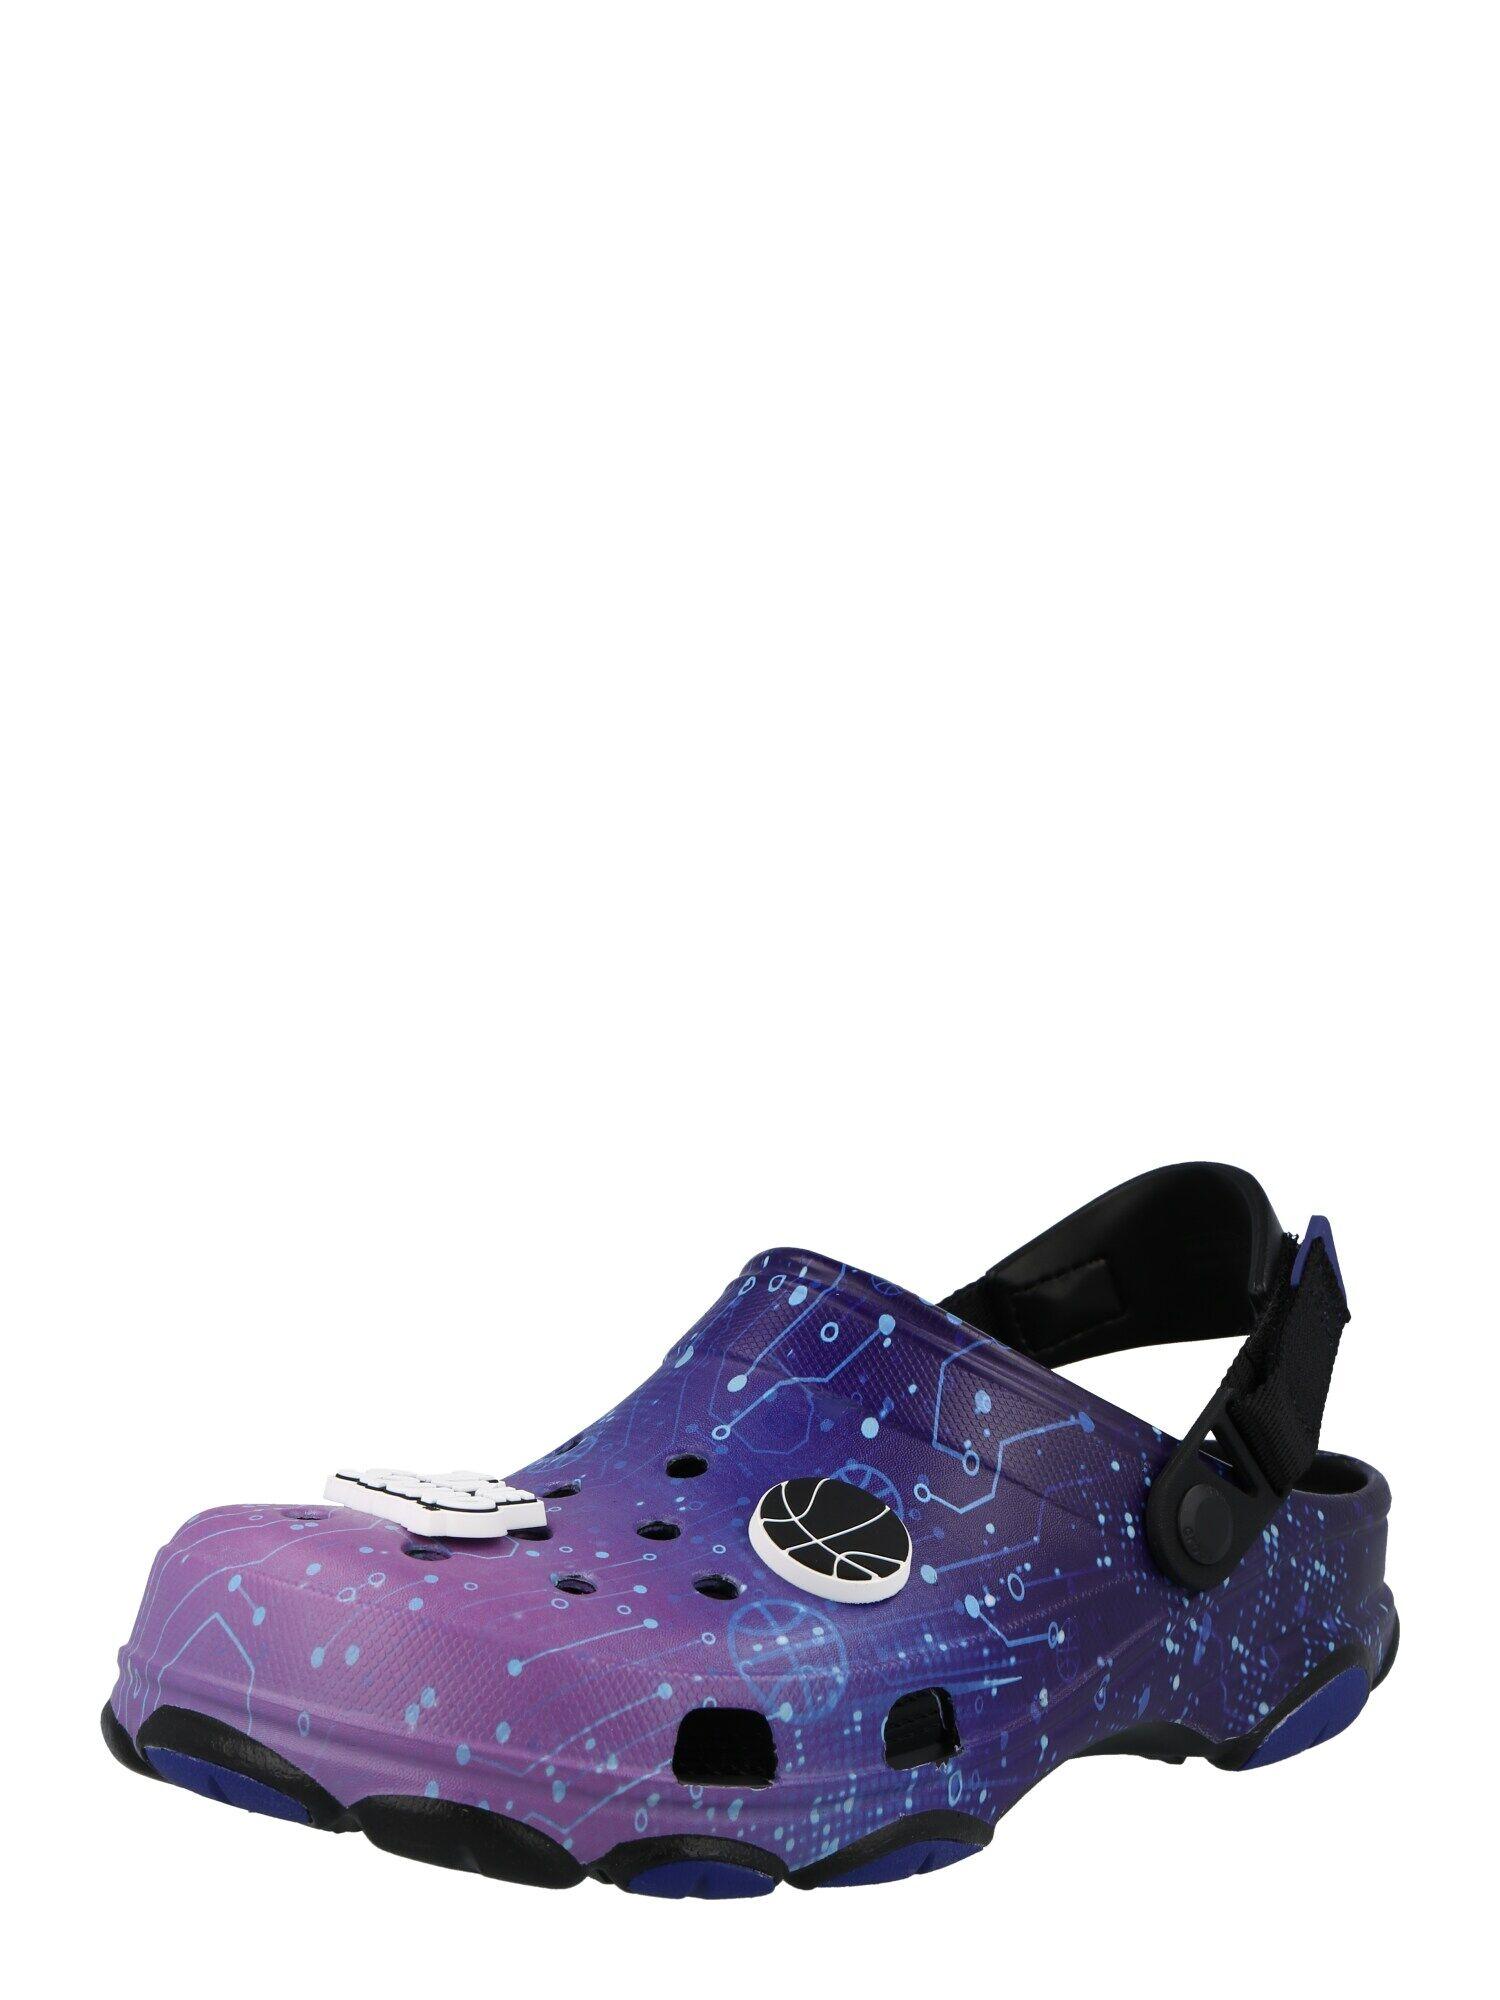 Crocs Sabots 'Classic All Terrain Space Jam 2'  - Bleu, Violet - Taille: M7W9 - male